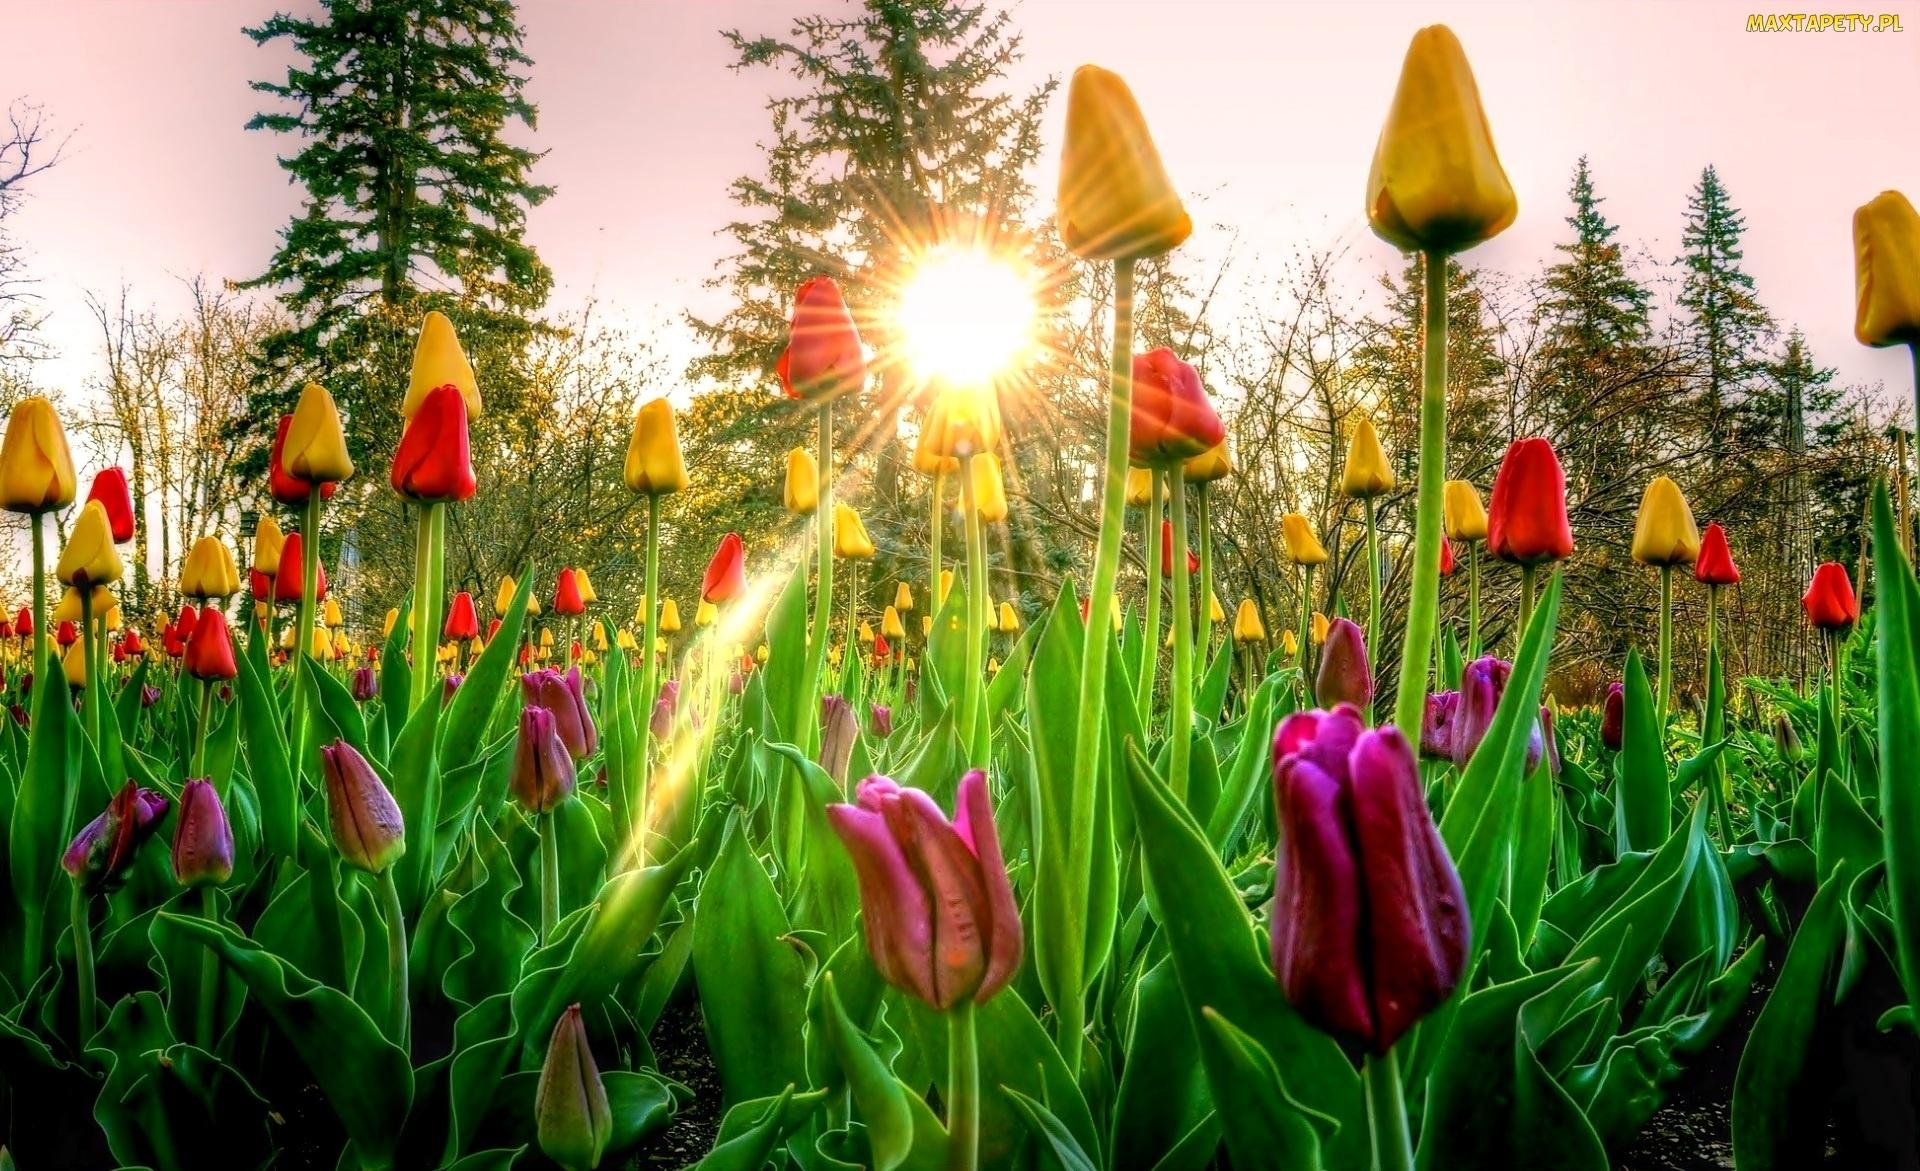 233562_wiosna-drzewa-slonca-tulipany-wschod-kolorowe